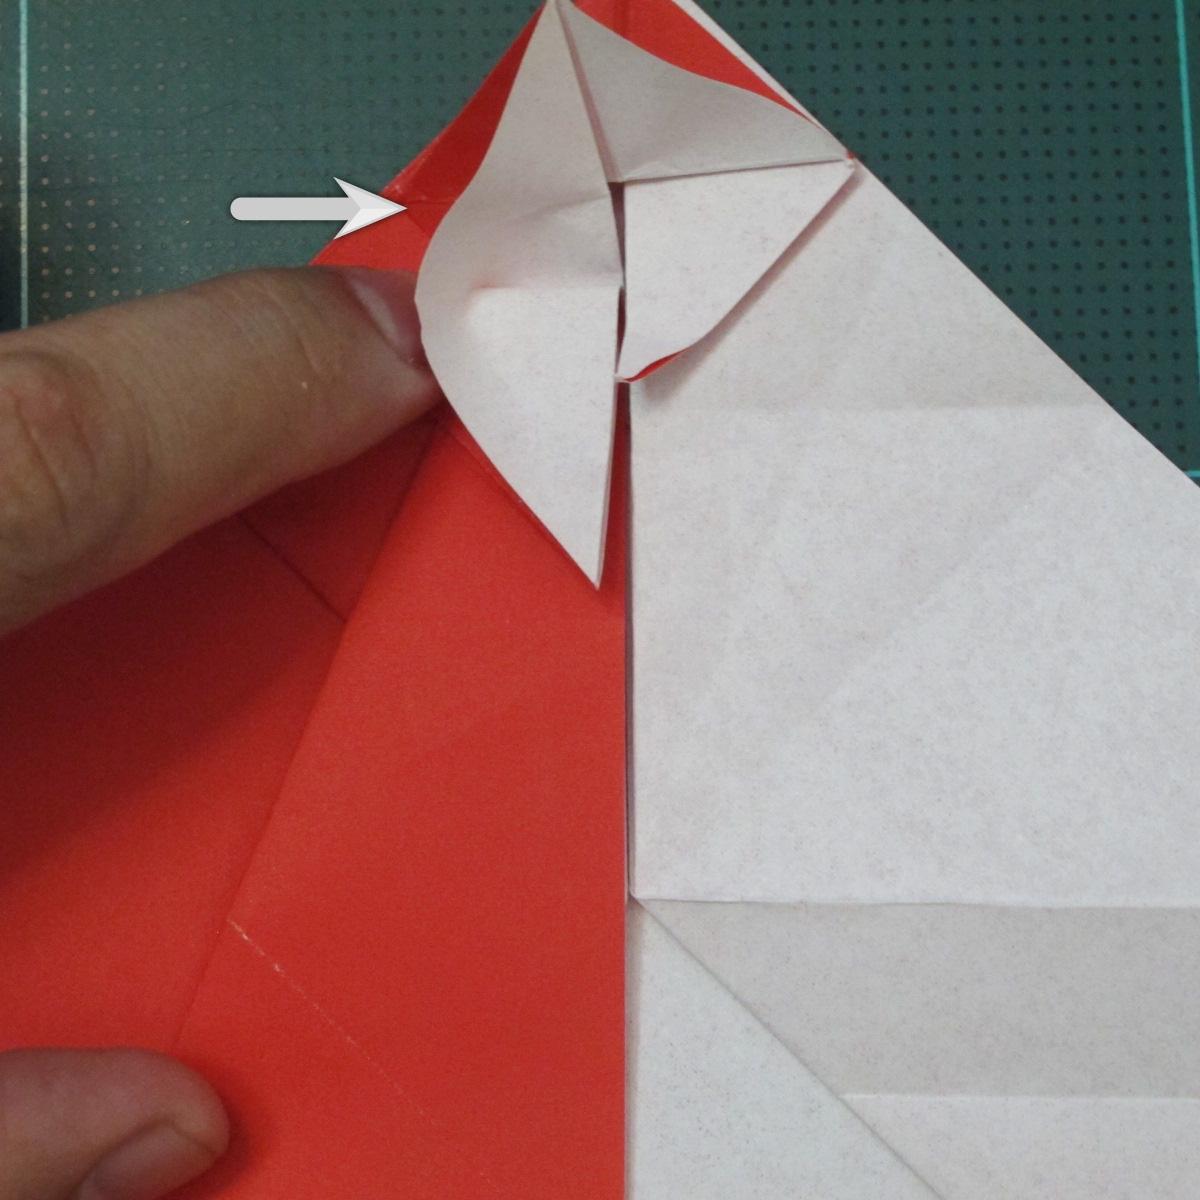 การพับกระดาษเป็นรูปสัตว์ประหลาดก็อตซิล่า (Origami Gozzila) 022